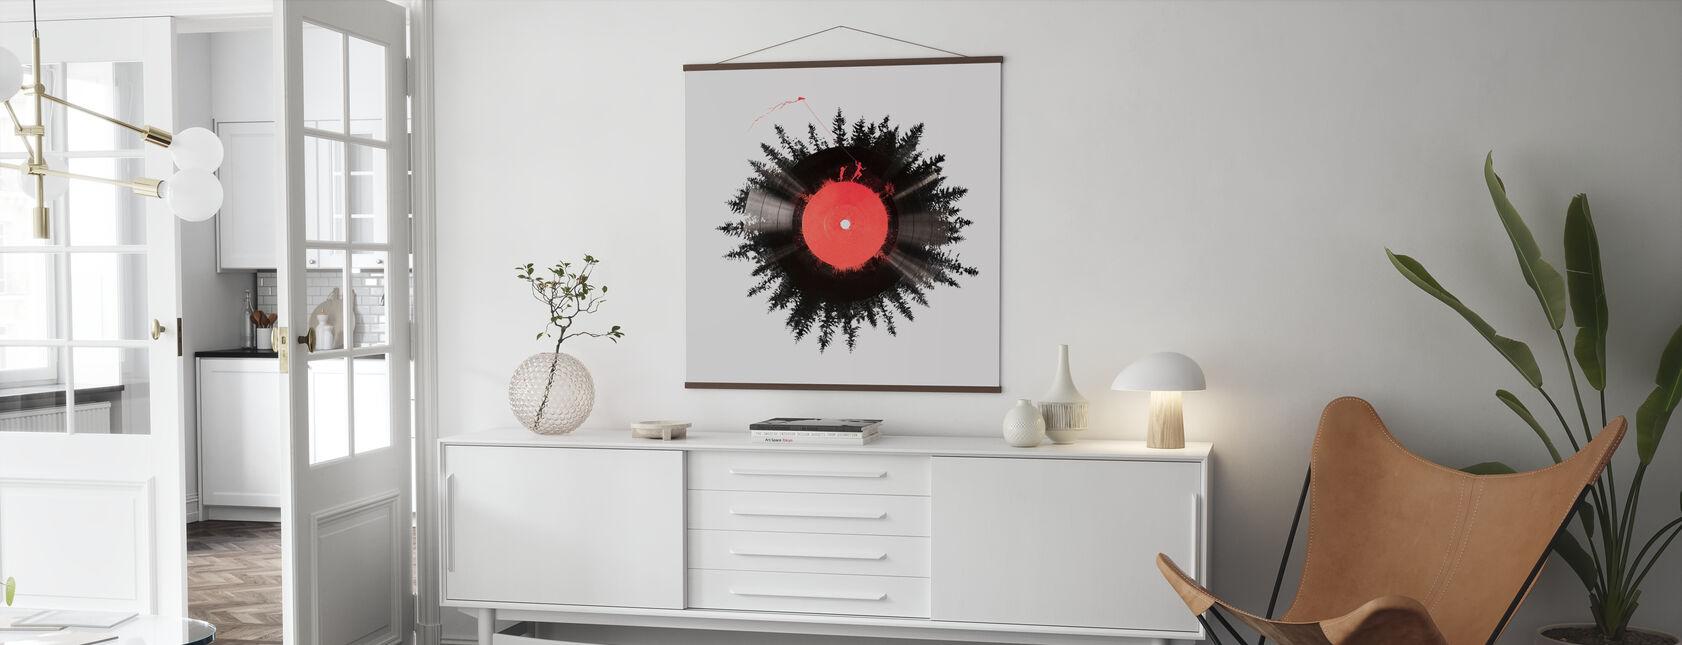 Vinyl av mitt liv - Plakat - Stue